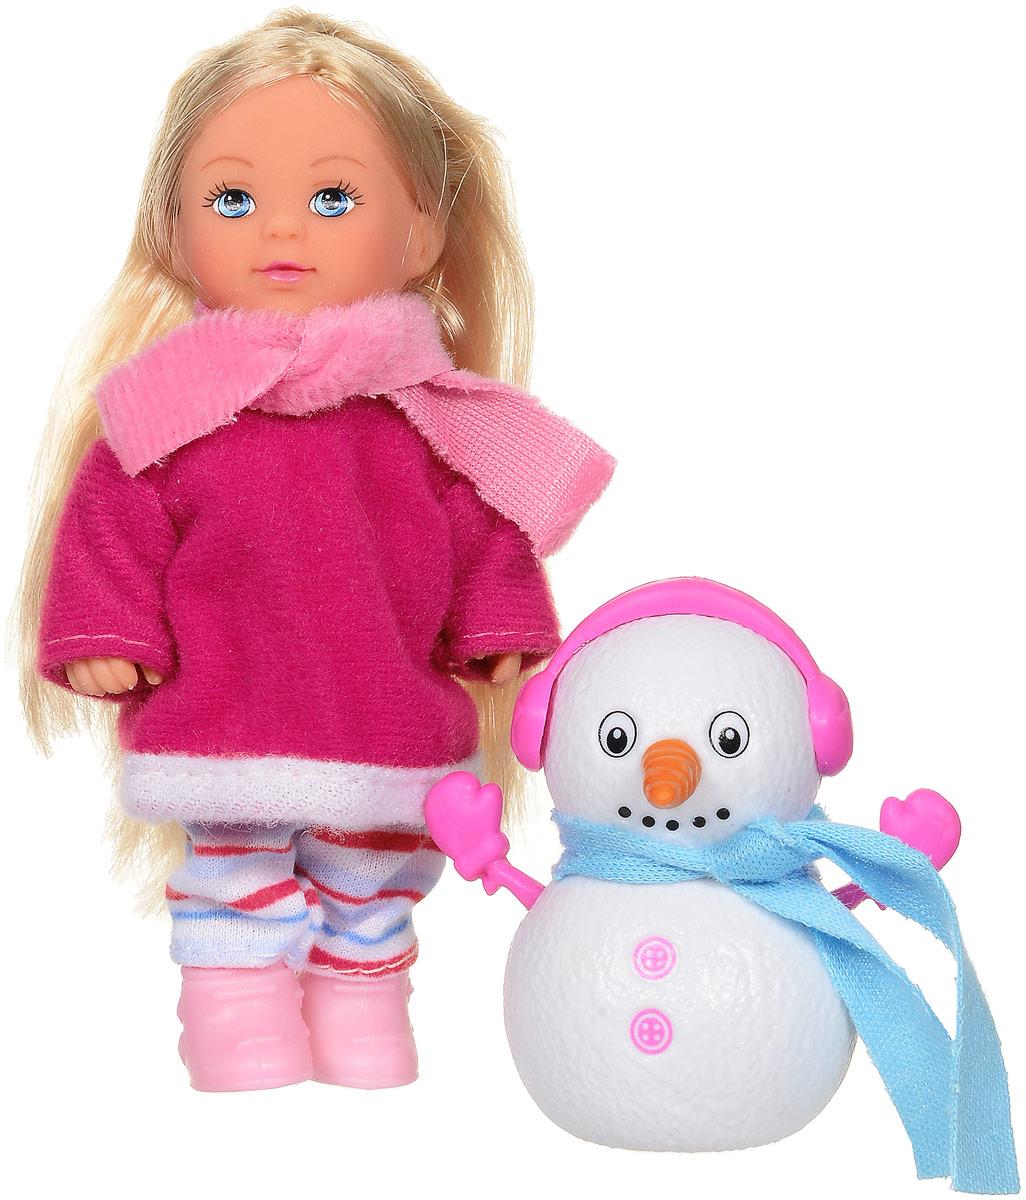 Simba Мини-кукла Еви и снеговик цвет одежды малиновый5732805_малиновая шубкаКукла Simba Еви и снеговик порадует любую девочку и надолго увлечет ее. Для зимней прогулки у куклы есть все необходимое: теплая одежда и друг-снеговик. Снеговика можно разбирать на части и собирать заново. Малышка Еви одета в малиновое пальто, штанишки и розовый шарфик. На ногах у куколки - розовые сапожки. Руки, ноги и голова куклы подвижны, благодаря чему ей можно придавать разнообразные позы. Игры с куклой способствуют эмоциональному развитию, помогают формировать воображение и художественный вкус, а также разовьют в вашей малышке чувство ответственности и заботы. Великолепное качество исполнения делают эту куколку чудесным подарком к любому празднику.